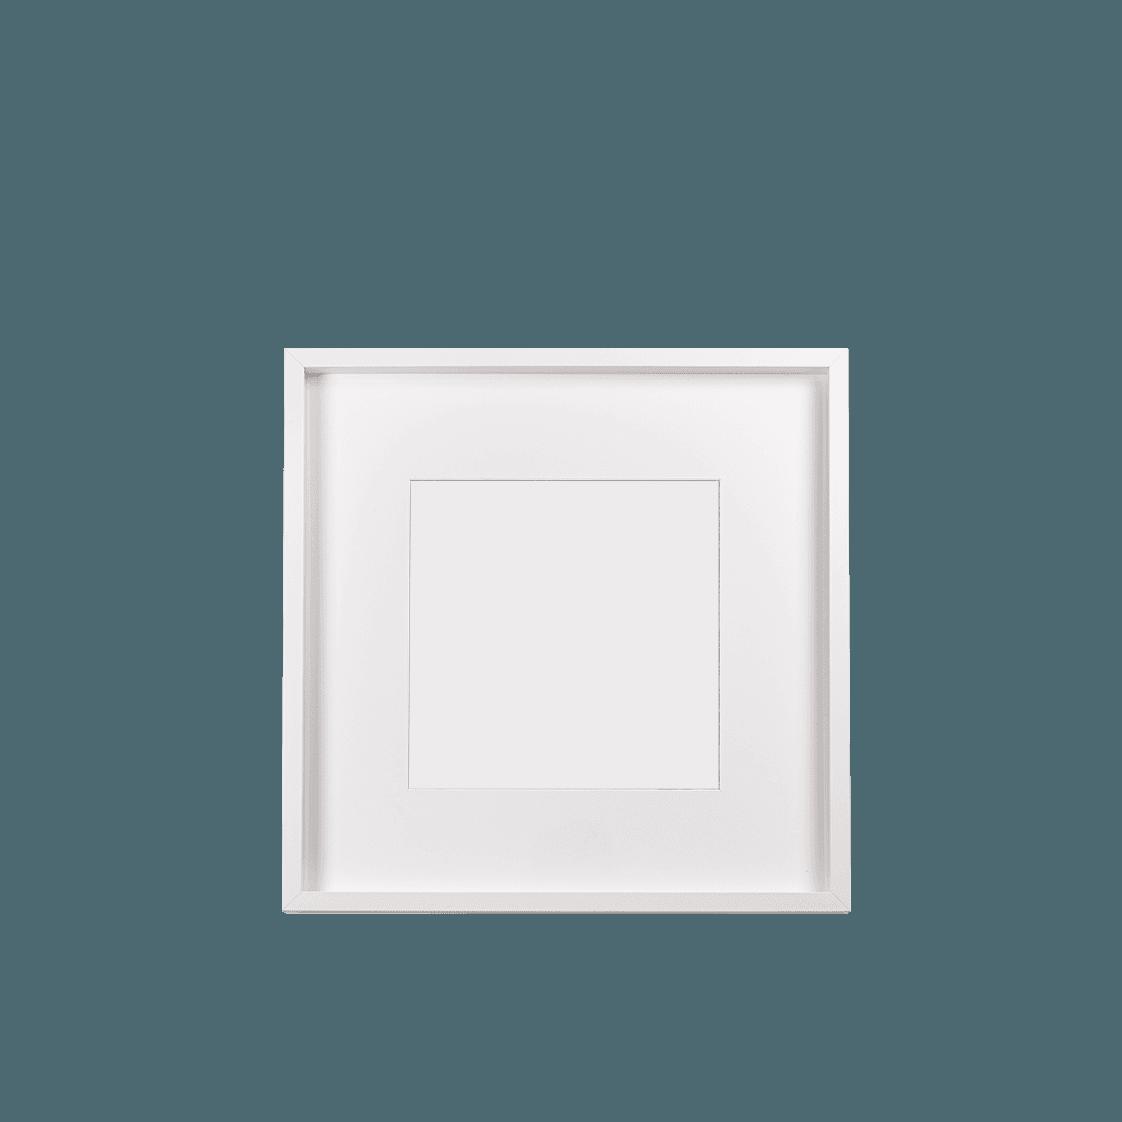 Keretezett kép (fehér, négyzetes)